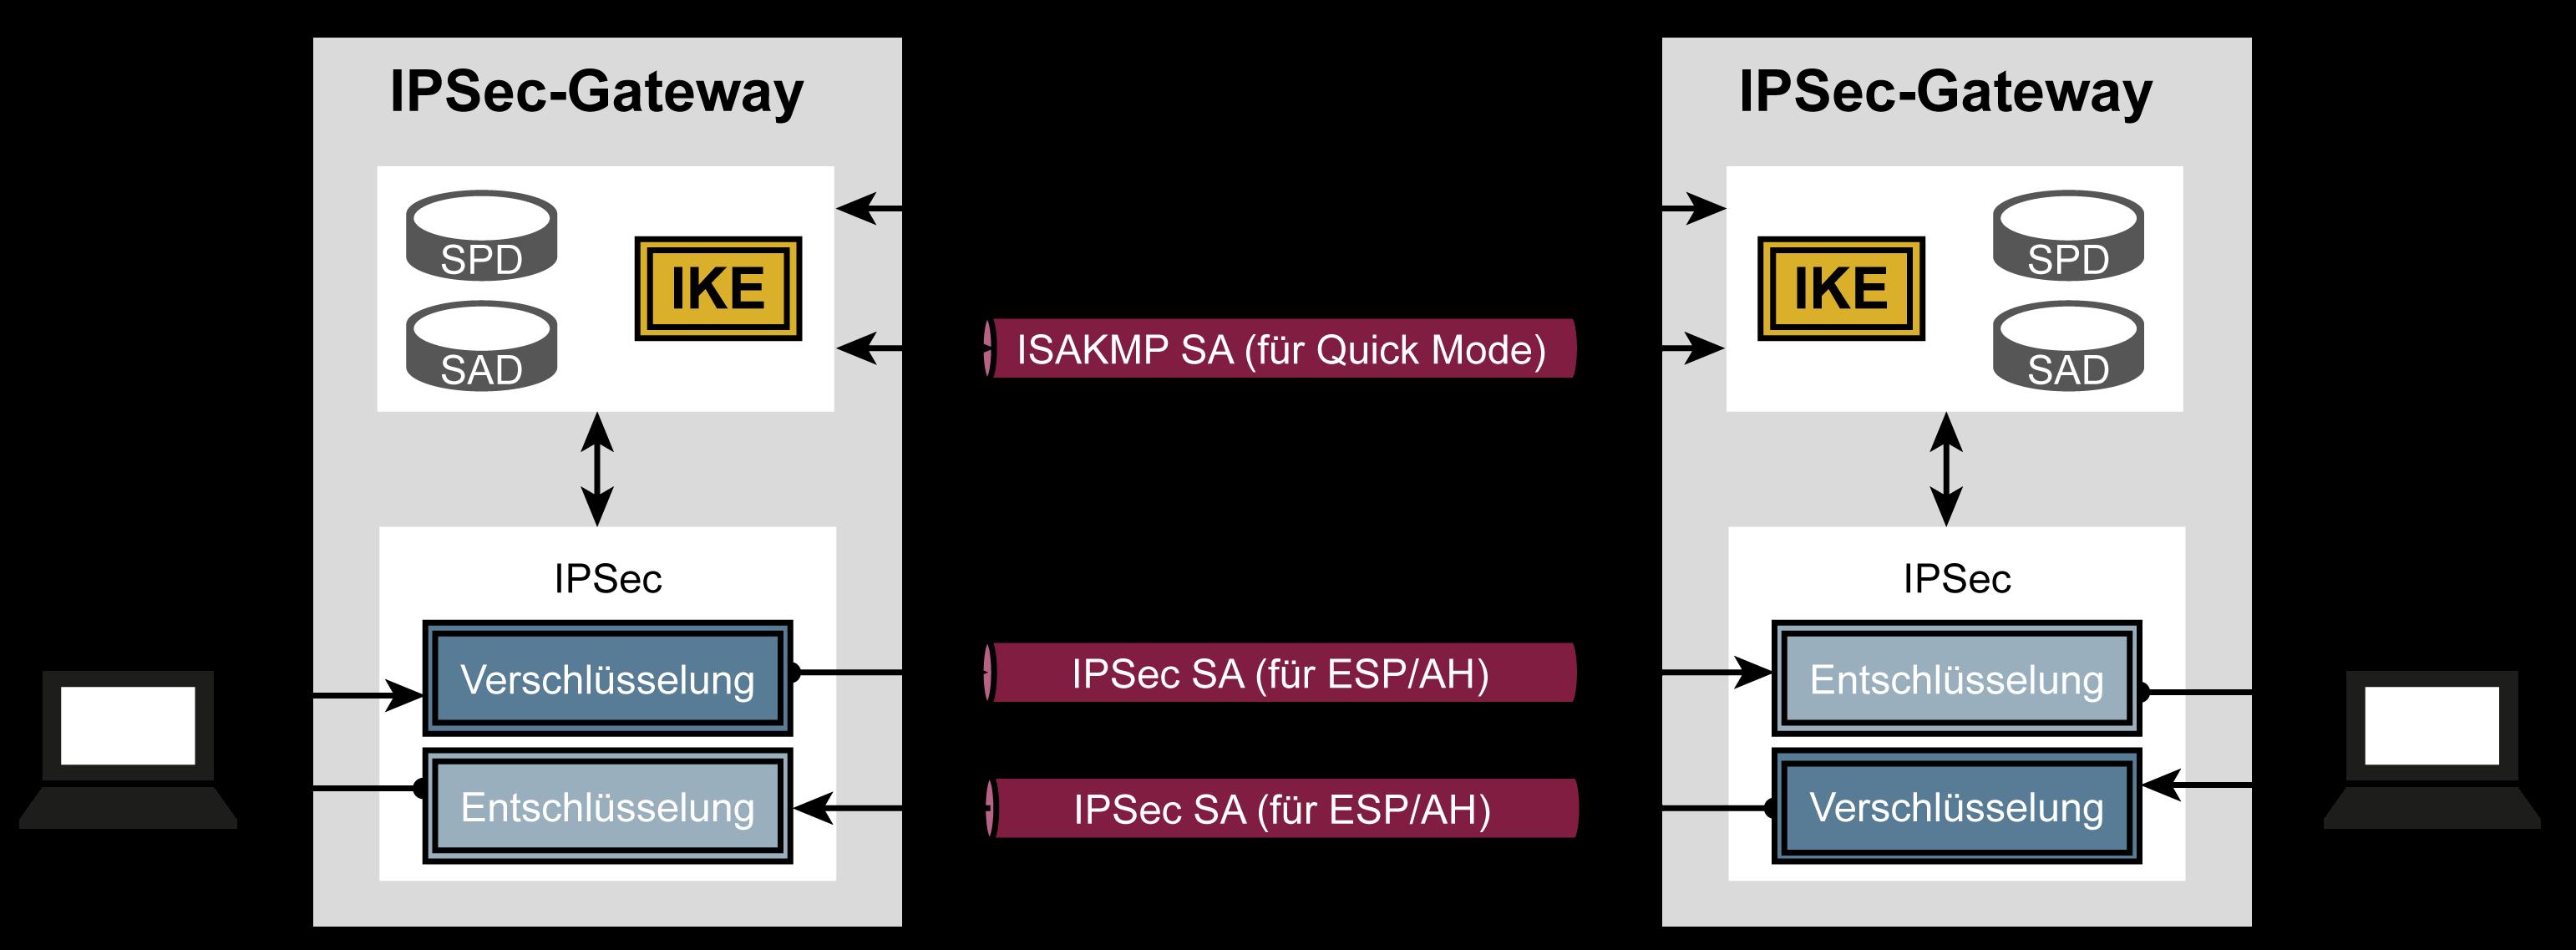 Zusammenhang Internet-Key-Exchange-Protocol (IKE) und IPSec - Glossar Cyber-Sicherheit - Prof. Norbert Pohlmann